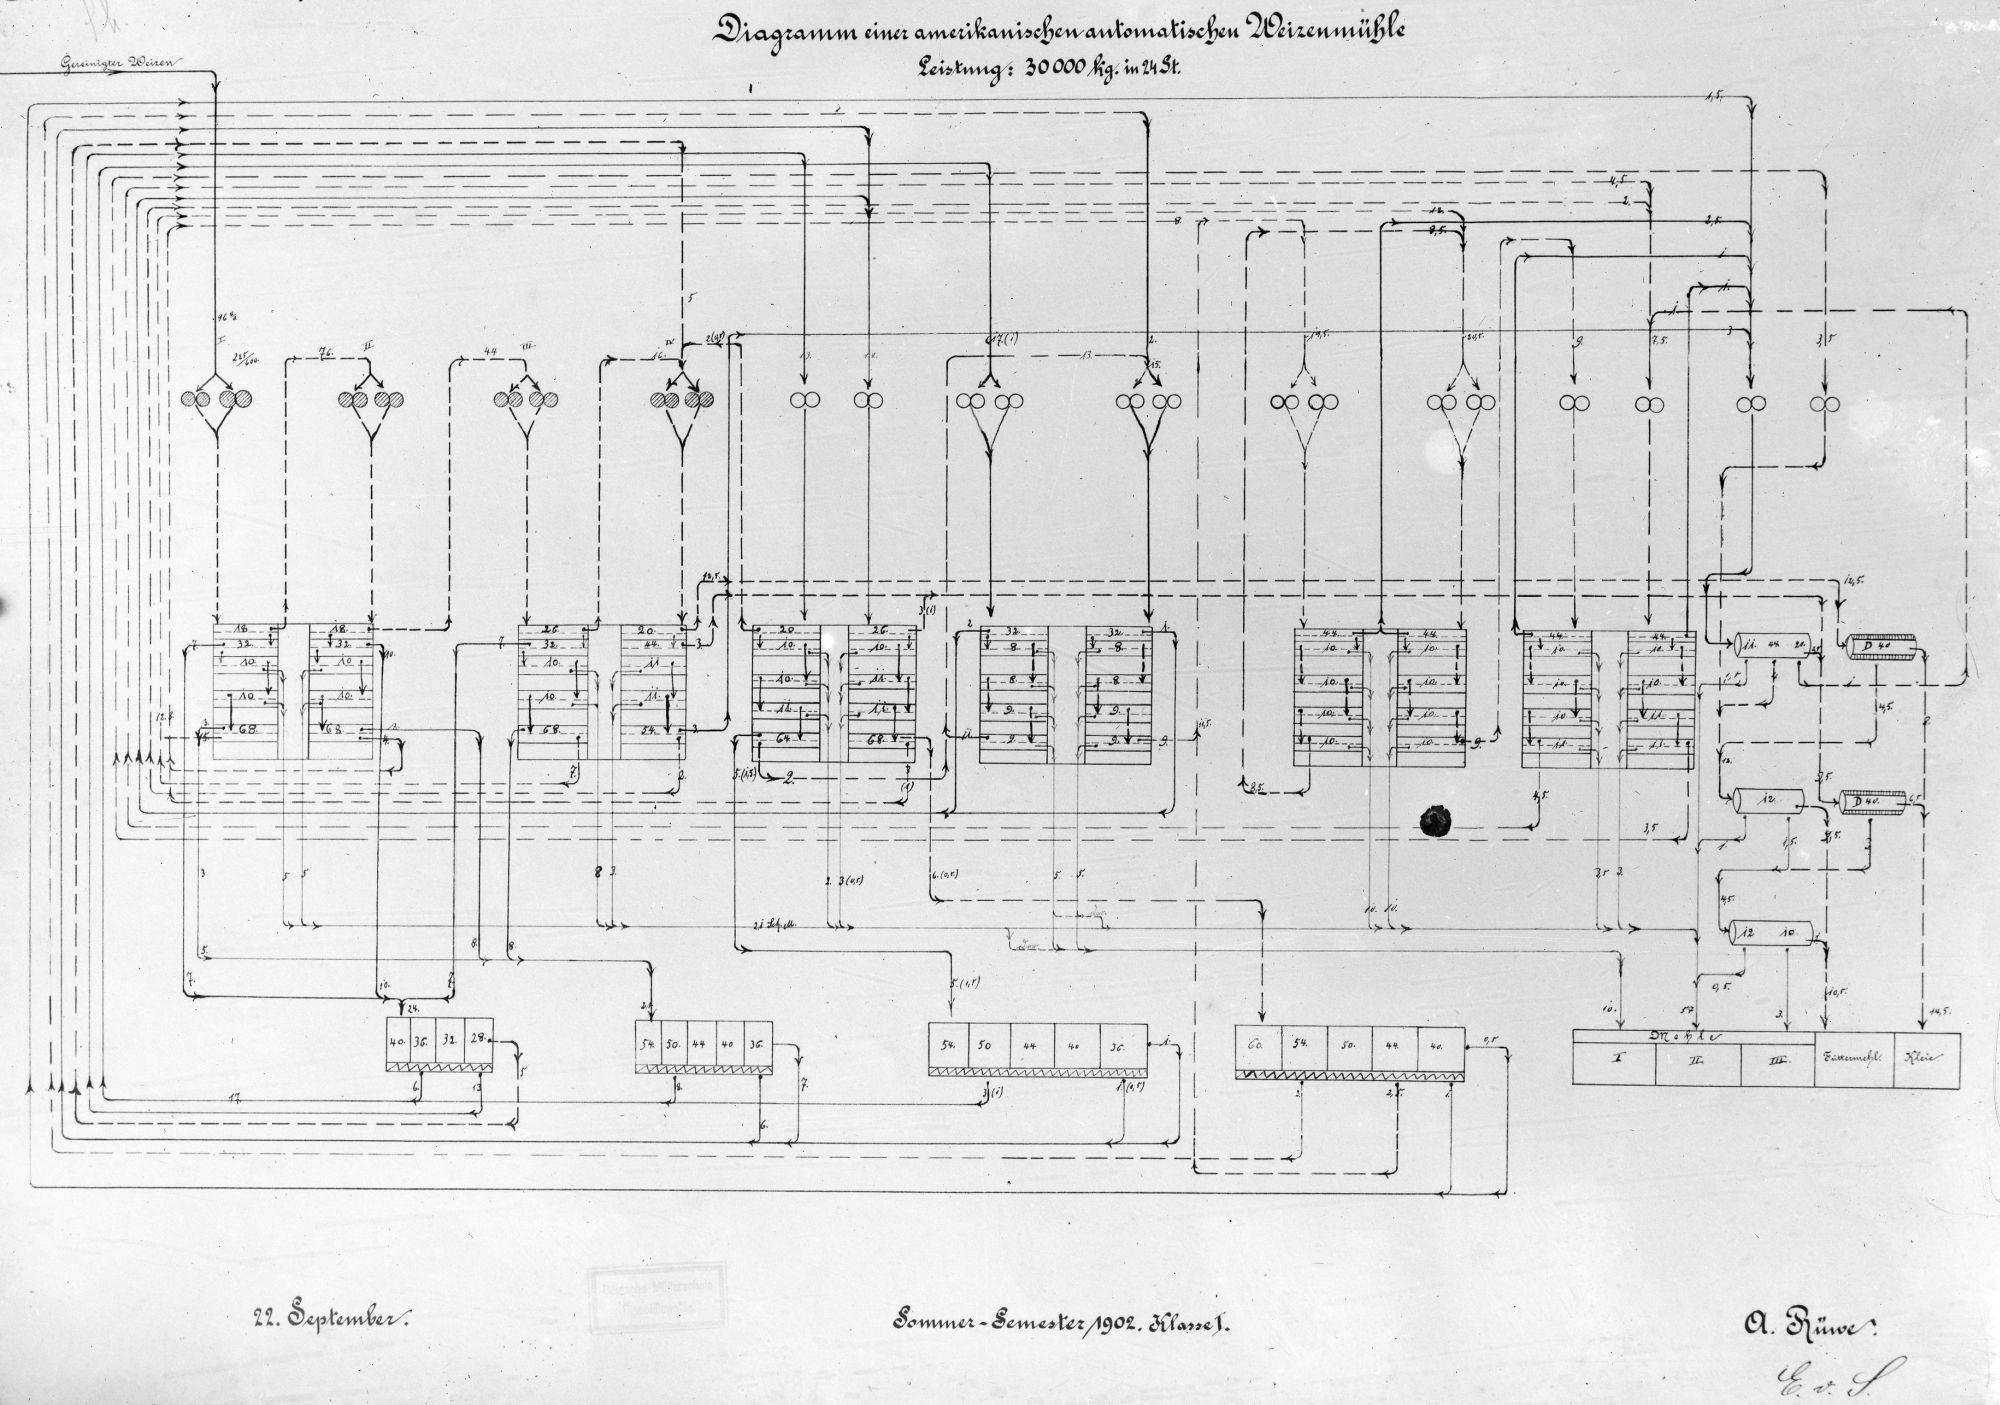 Diagramm einer amerikanischen automatischen Weizenmühle ...